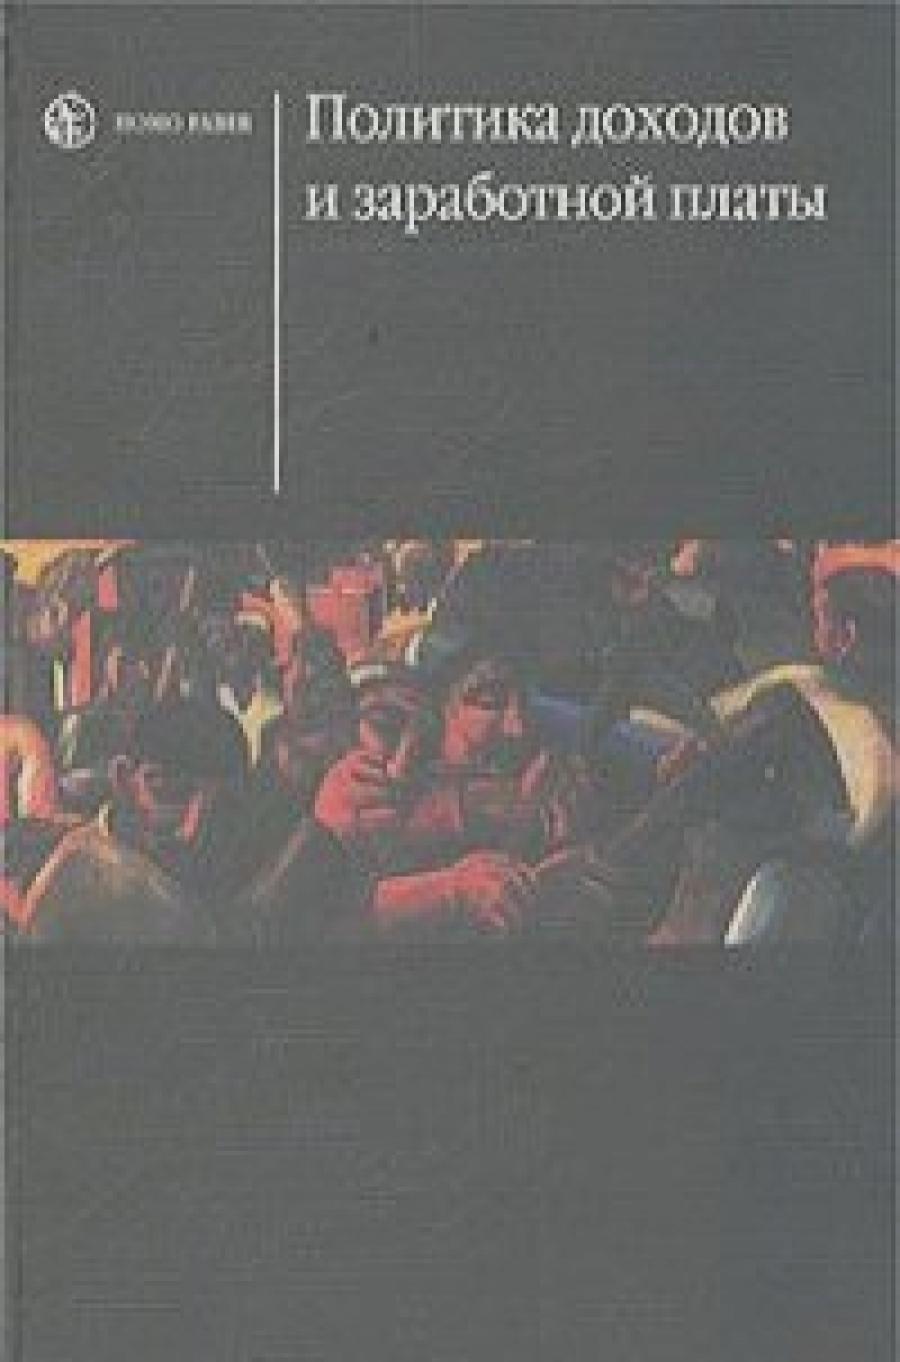 Обложка книги:  савченко п.в., кокина ю.п. - политика доходов и заработной платы